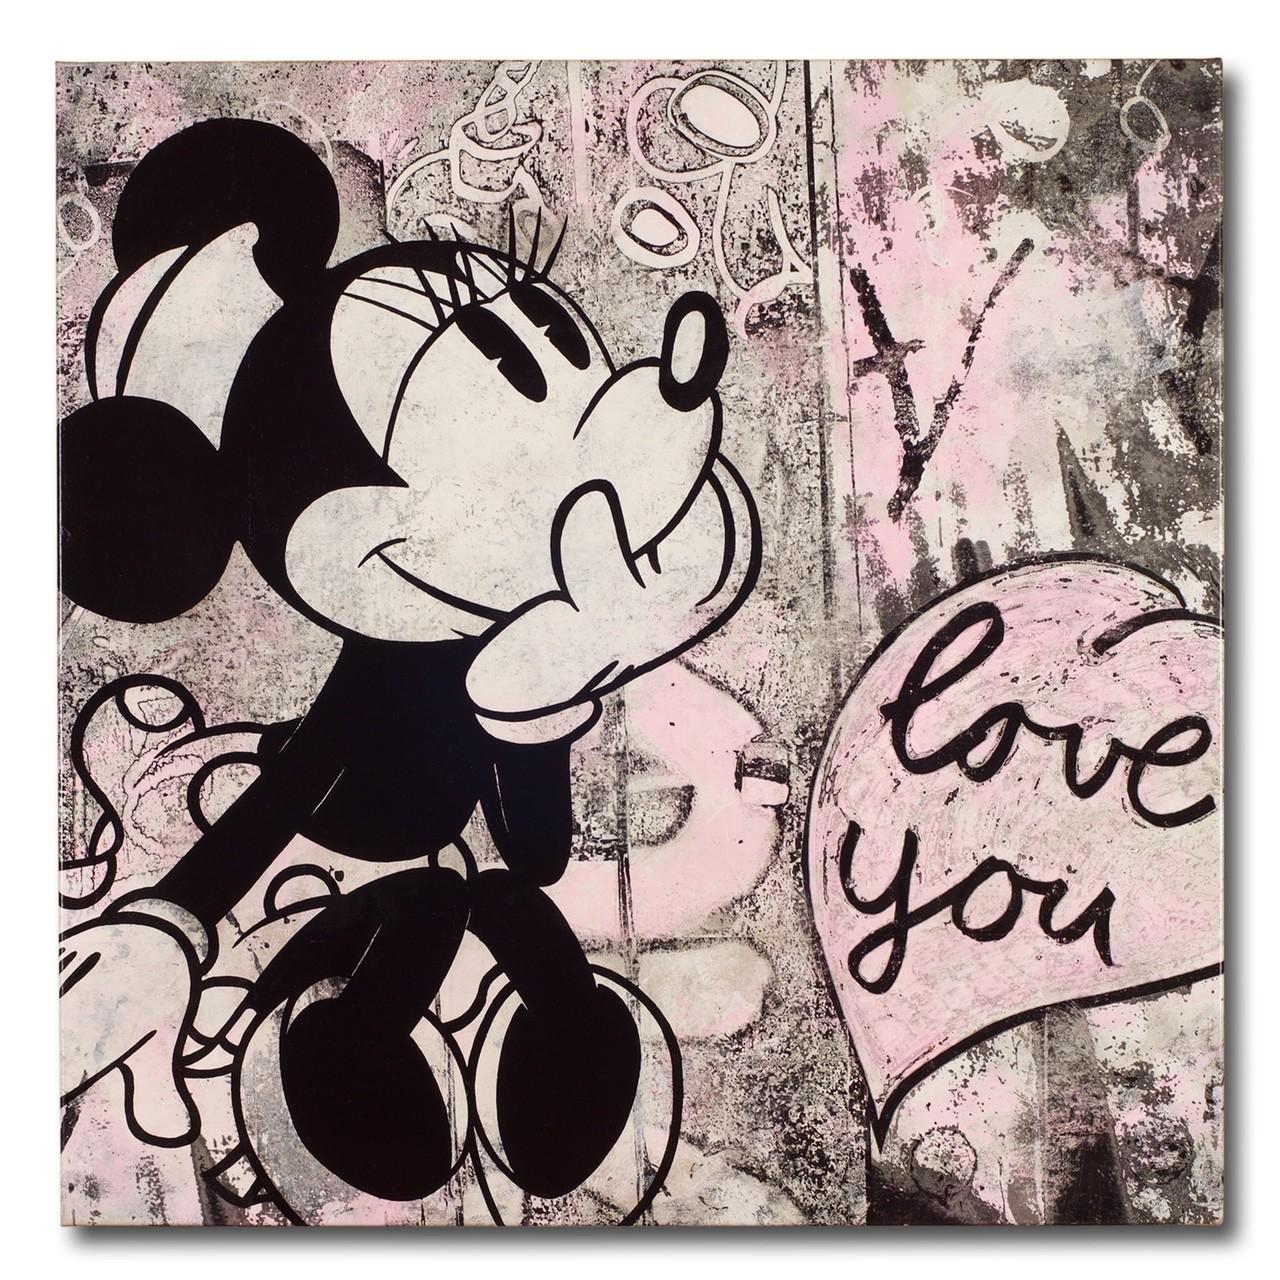 love you - Rische, Karsten - k-2009KR1